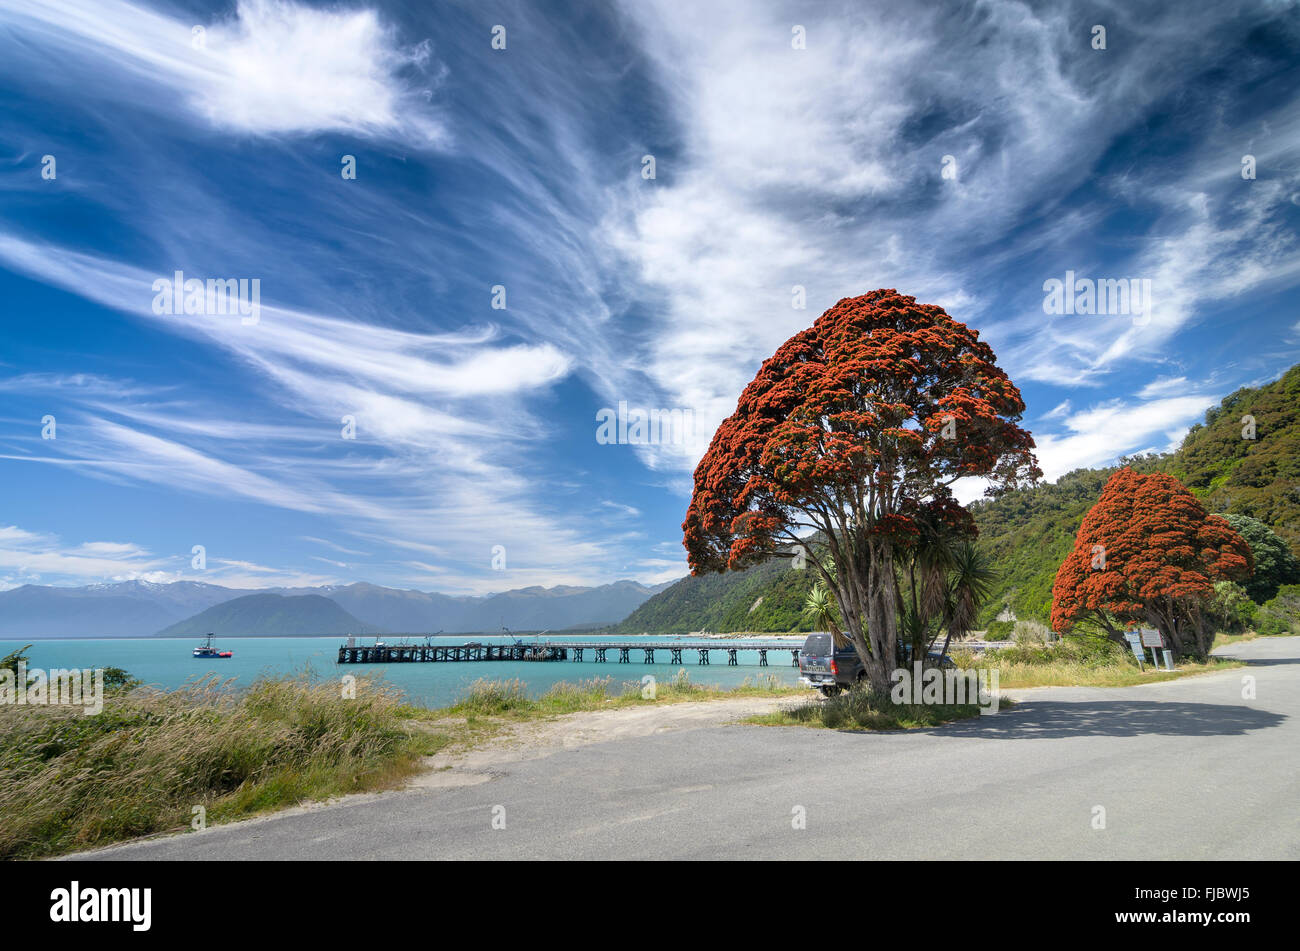 Floraison rouge de l'arbre de Noël de Nouvelle-Zélande (Metrosideros tomentosa), avec ciel nuageux, Photo Stock